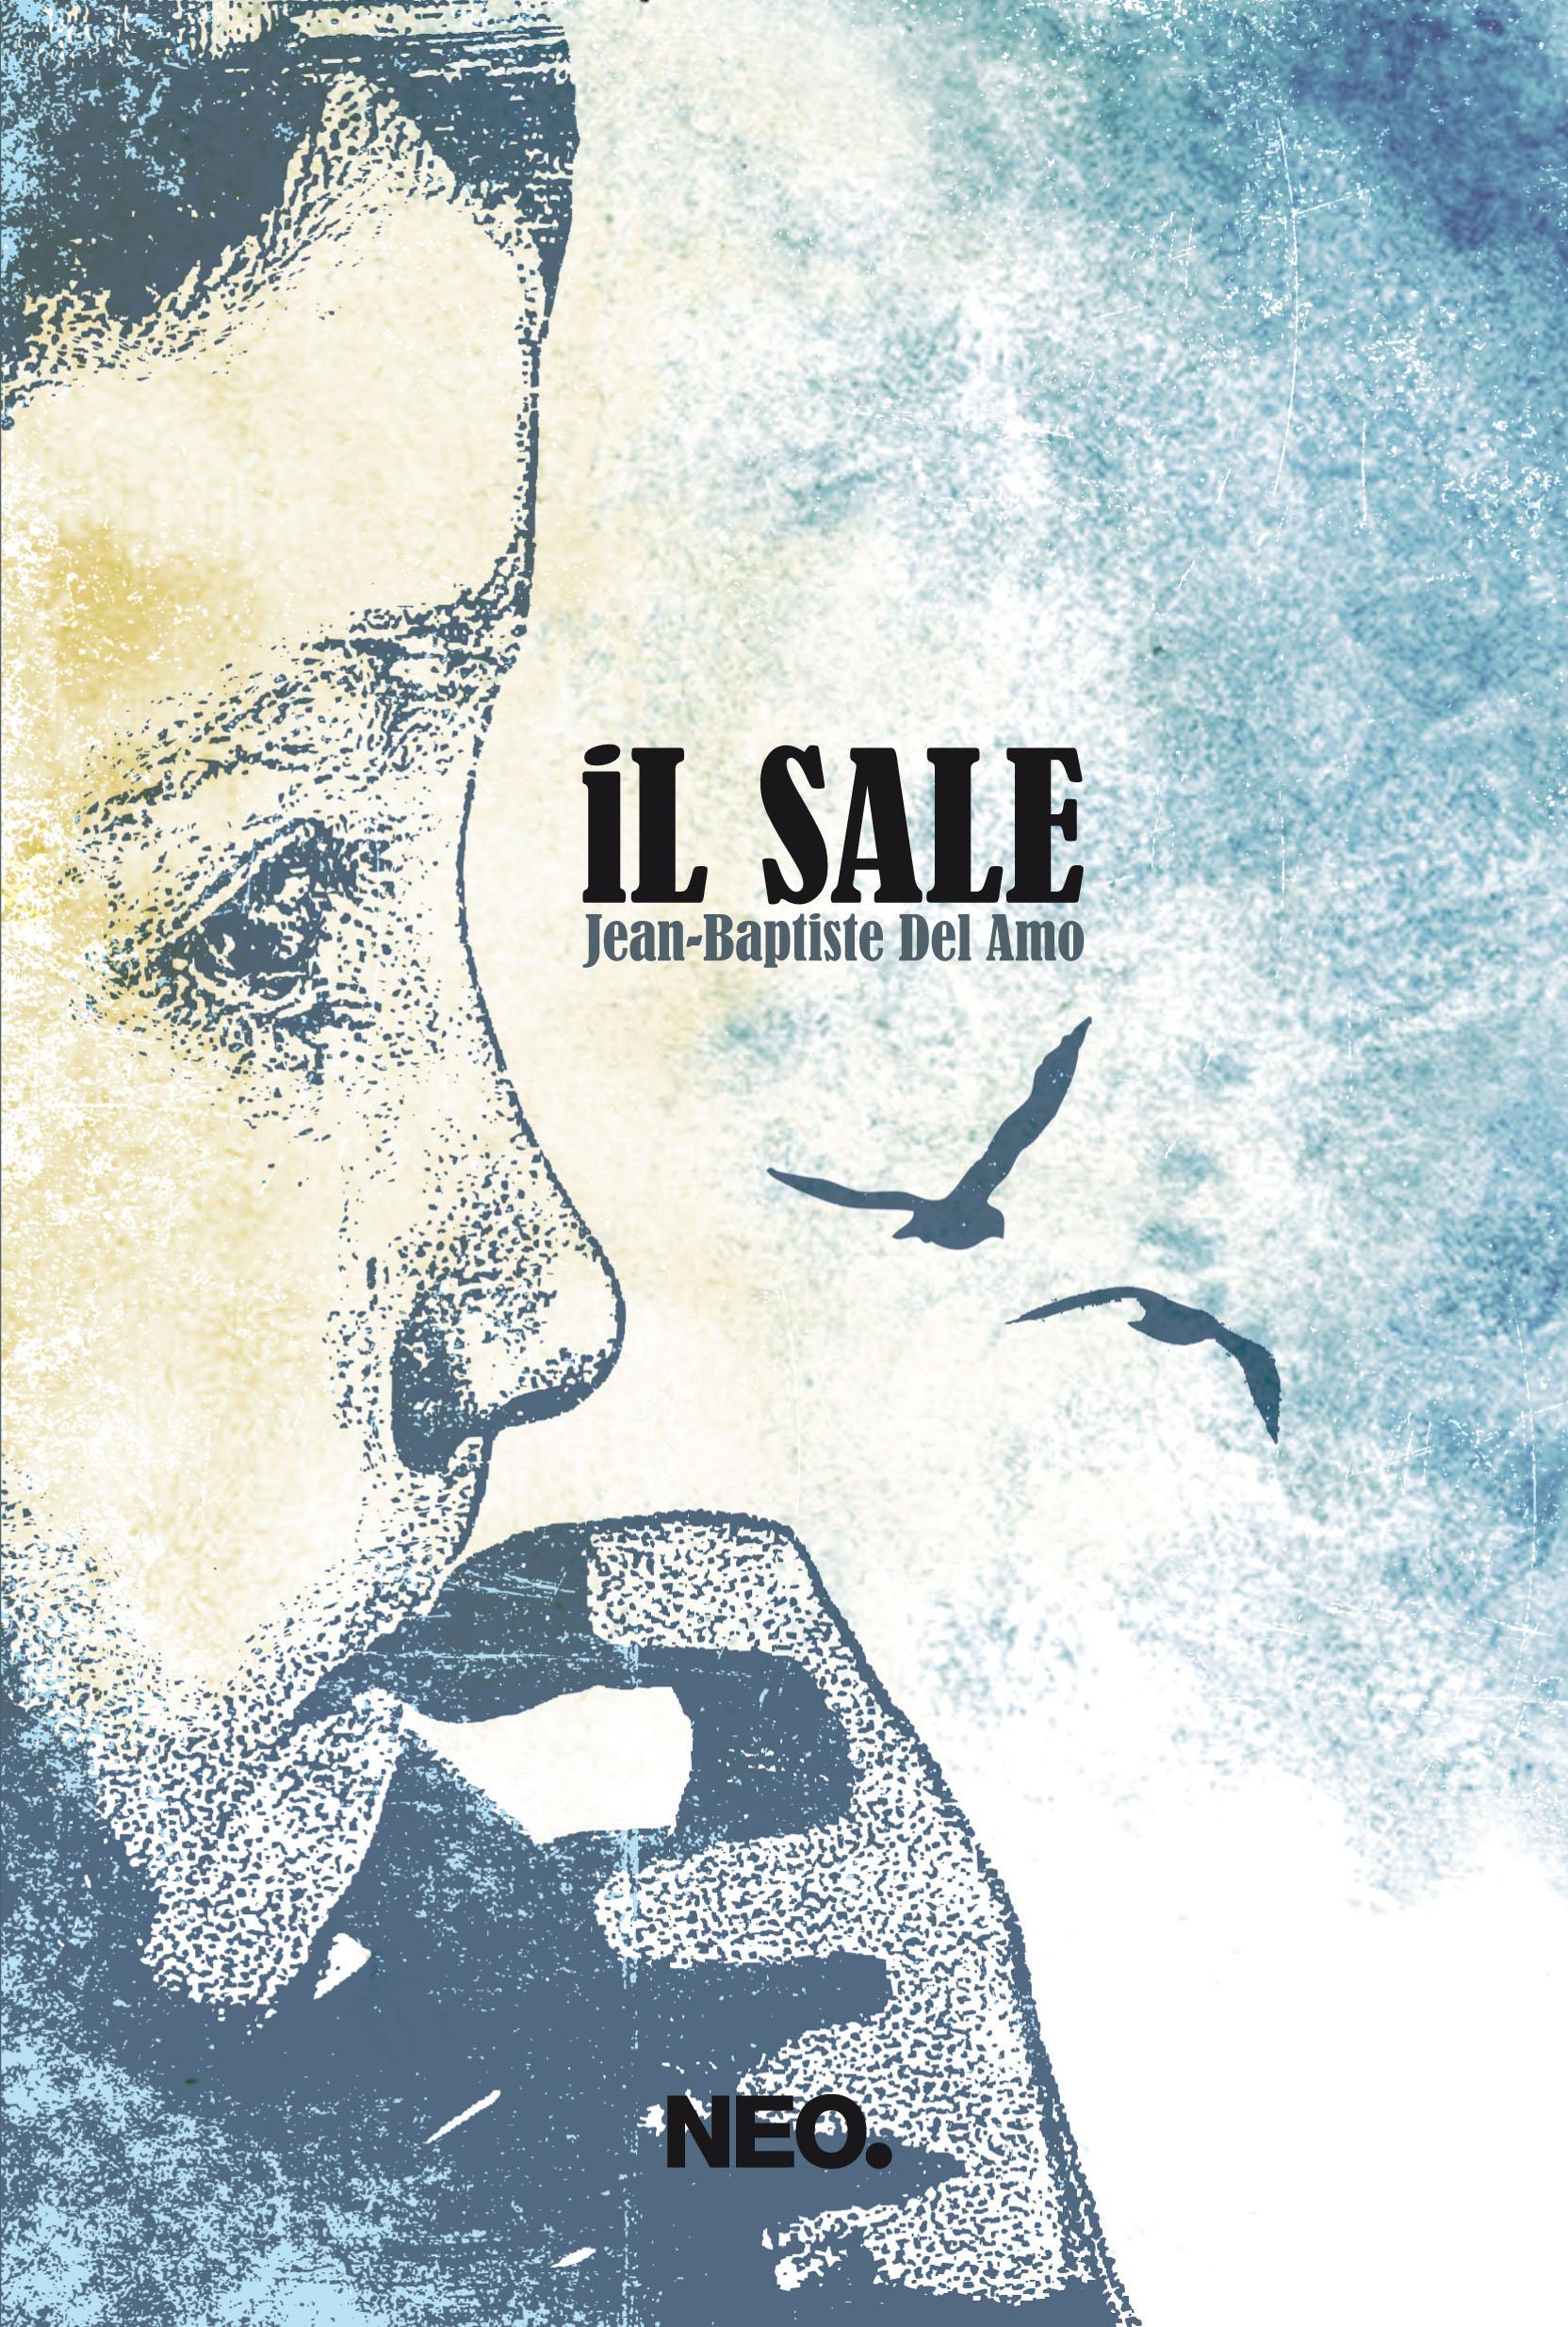 copertina del amo.indd